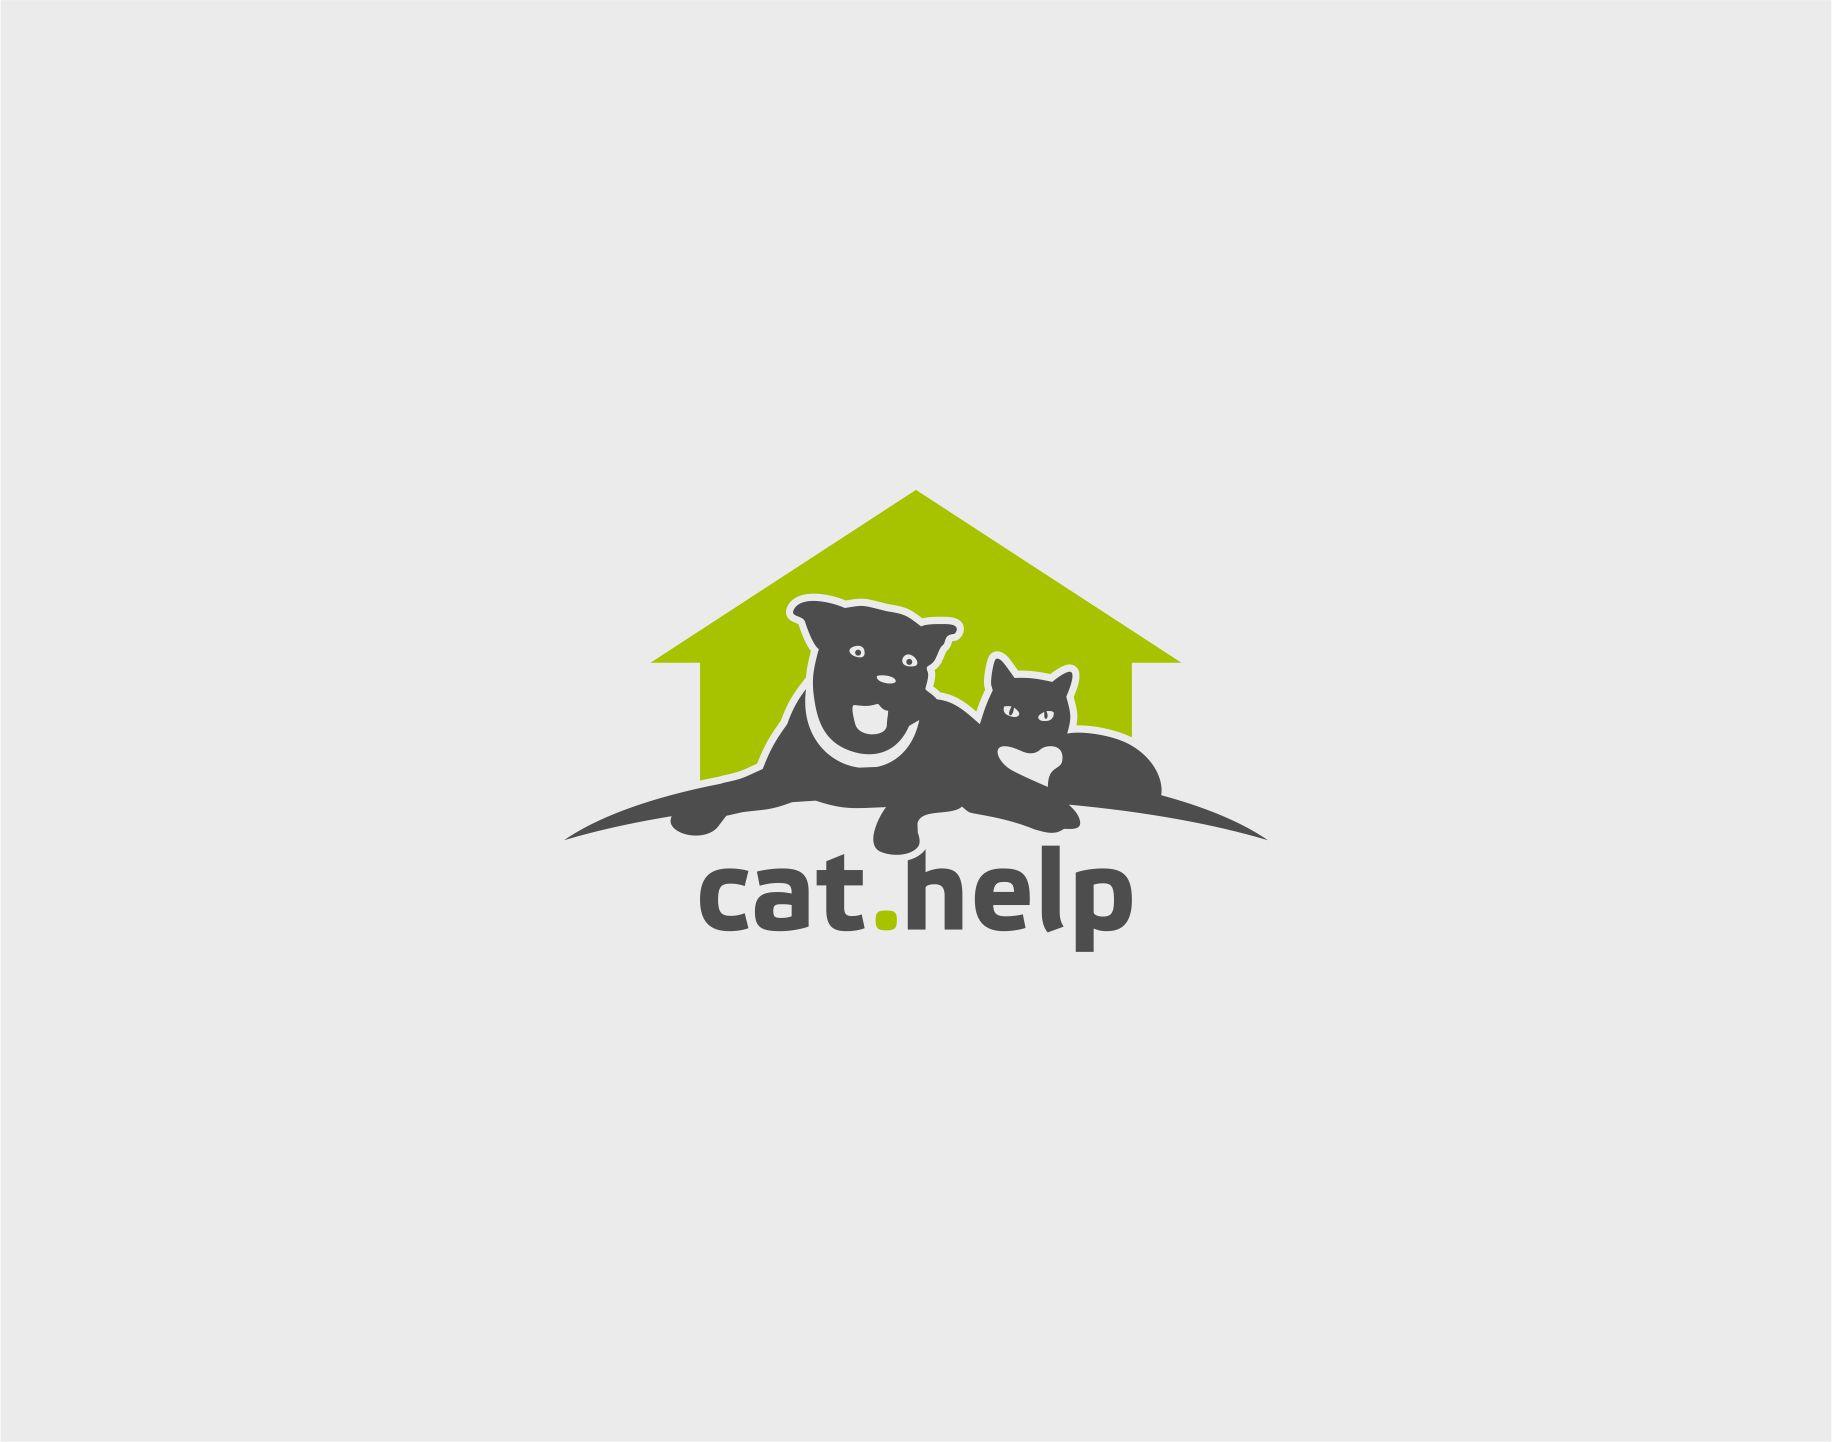 логотип для сайта и группы вк - cat.help фото f_63859da1774c4cc6.jpg